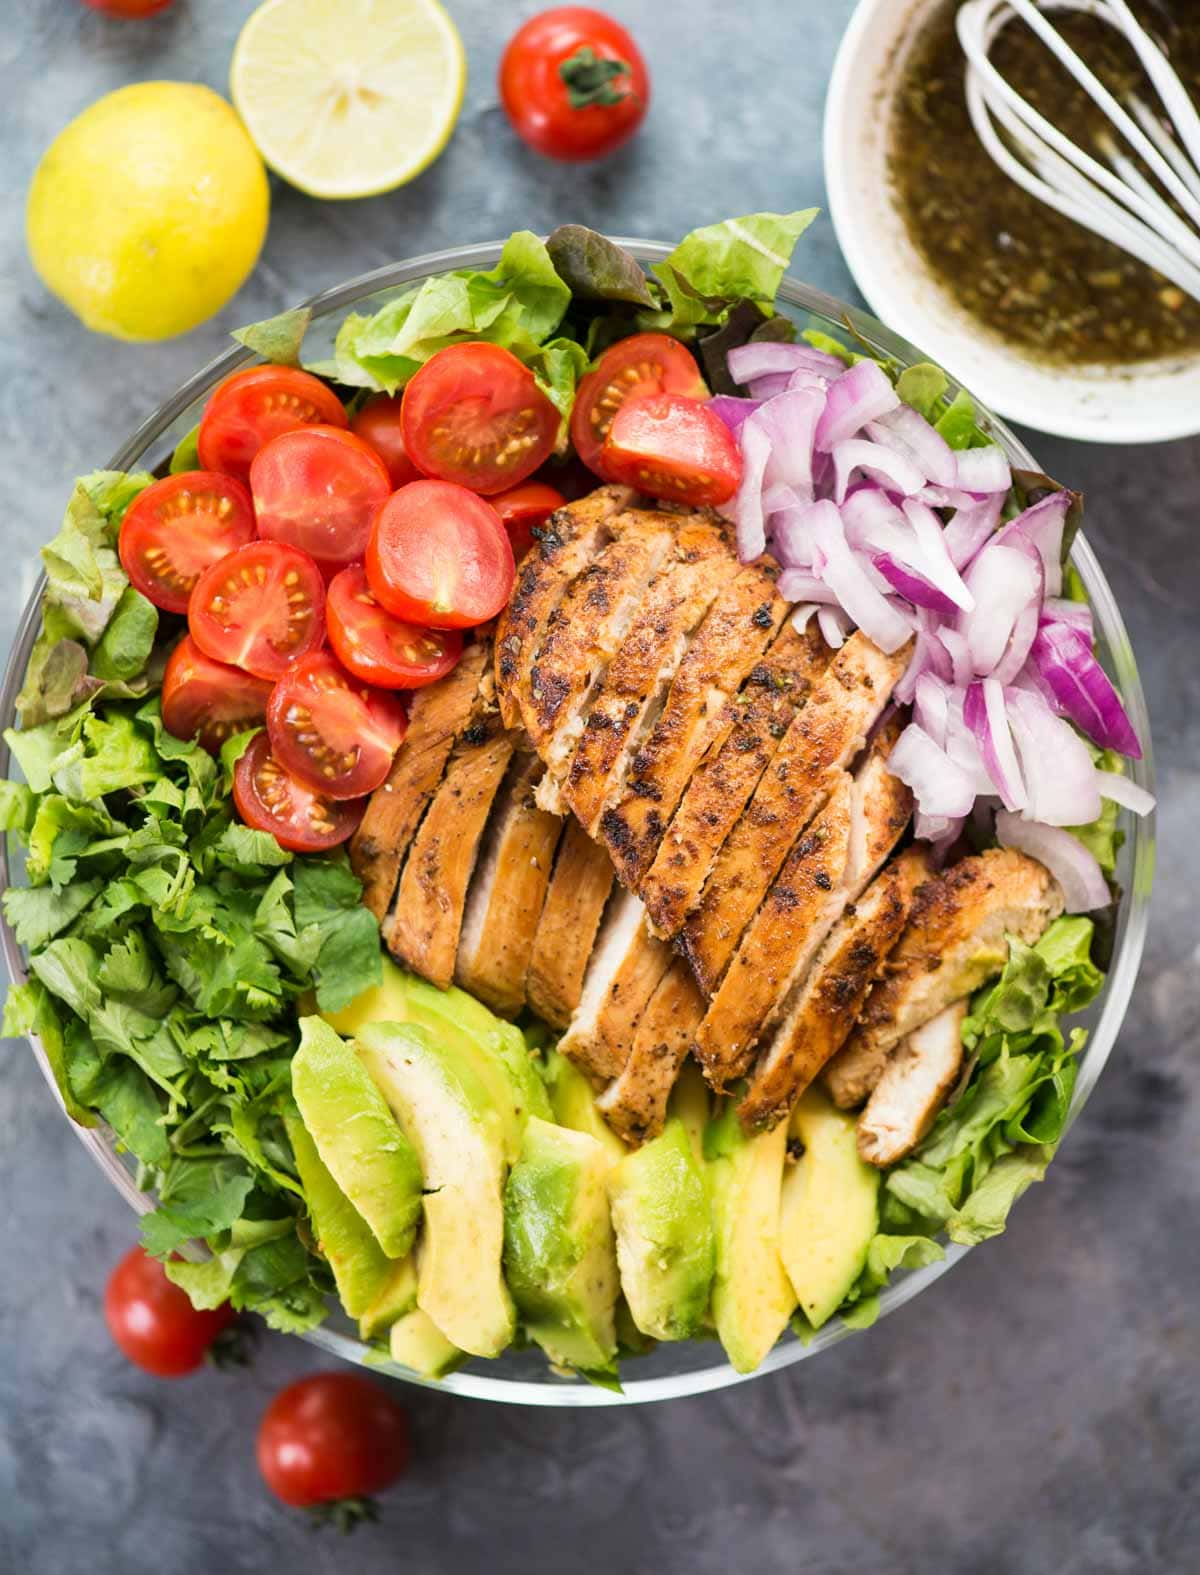 Avocado-Hühnersalat mit einer erfrischenden Kräutervinaigrette ist mit frischem Gemüse, gebratenem Hühnchen und cremiger Avocado beladen.  Es ist knusprig, cremig und ein wirklich füllender Salat.